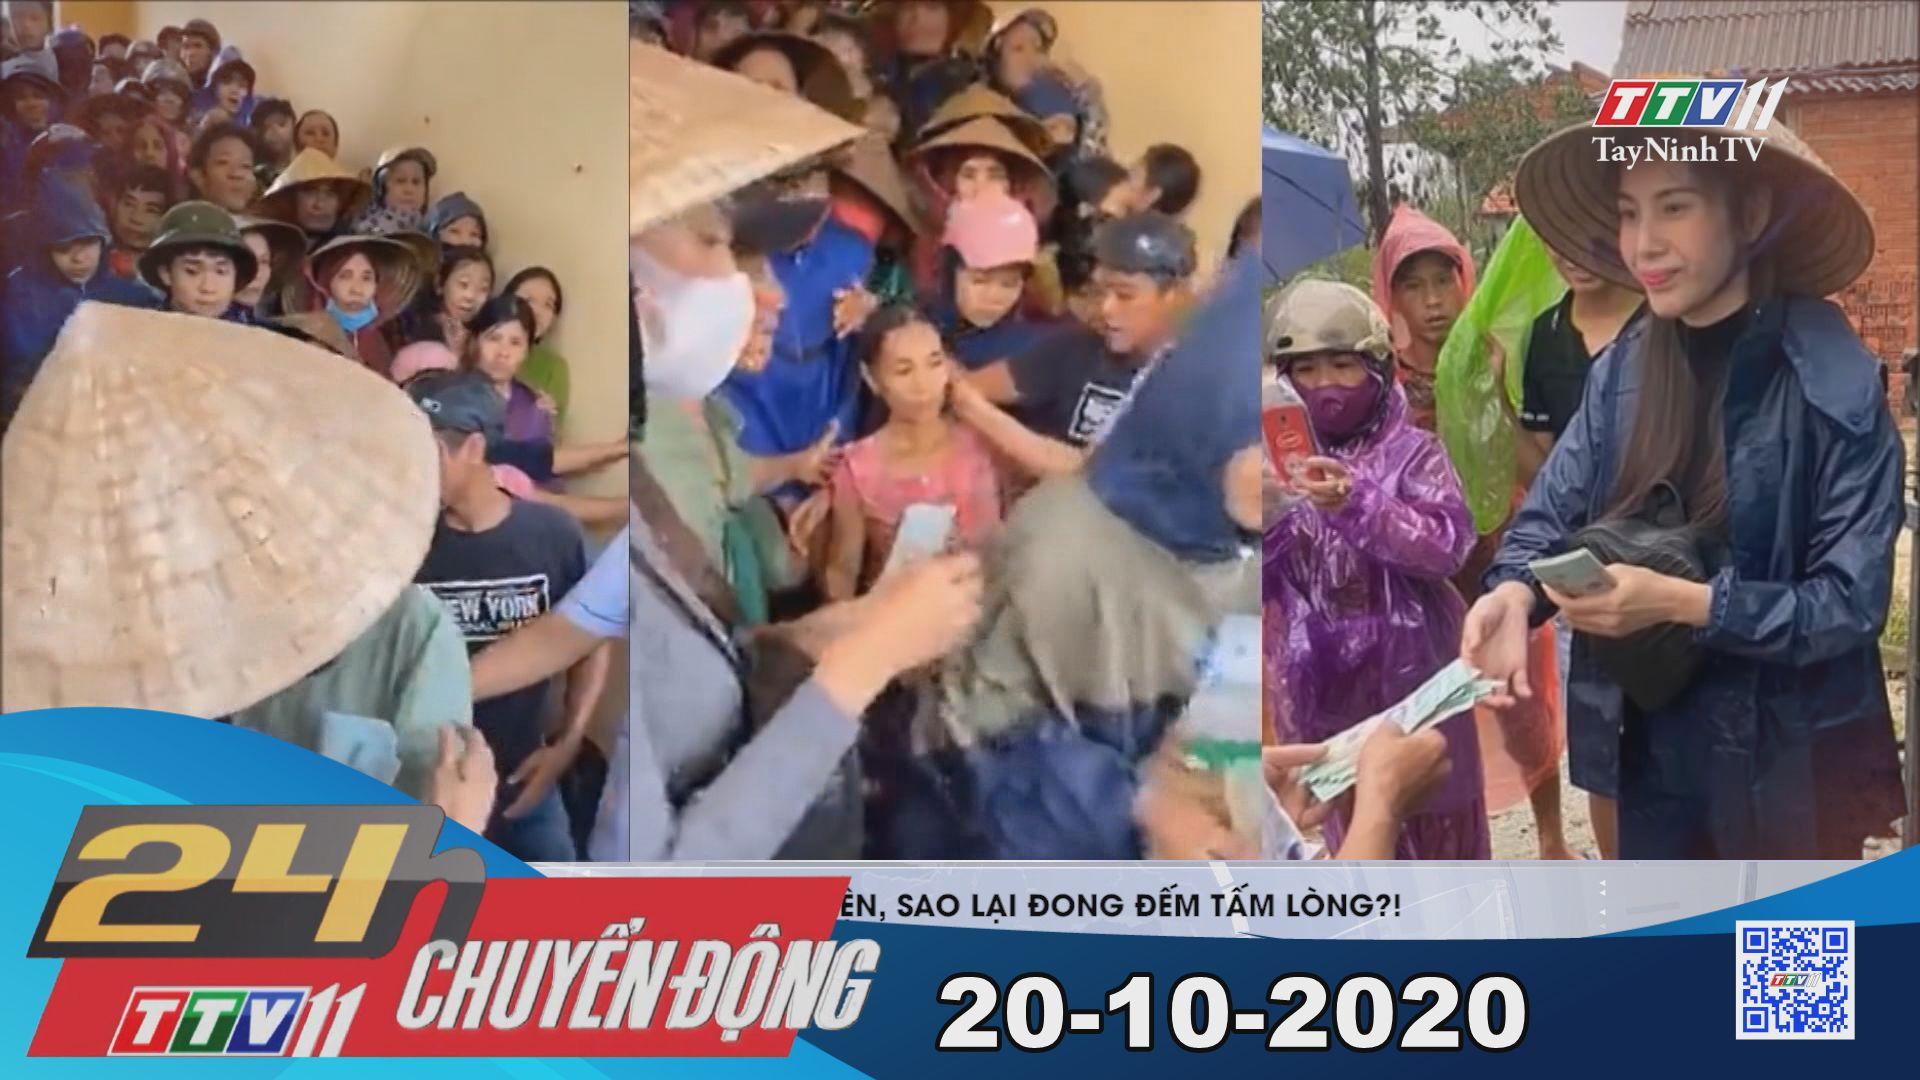 24h Chuyển động 20-10-2020 | Tin tức hôm nay | TayNinhTV